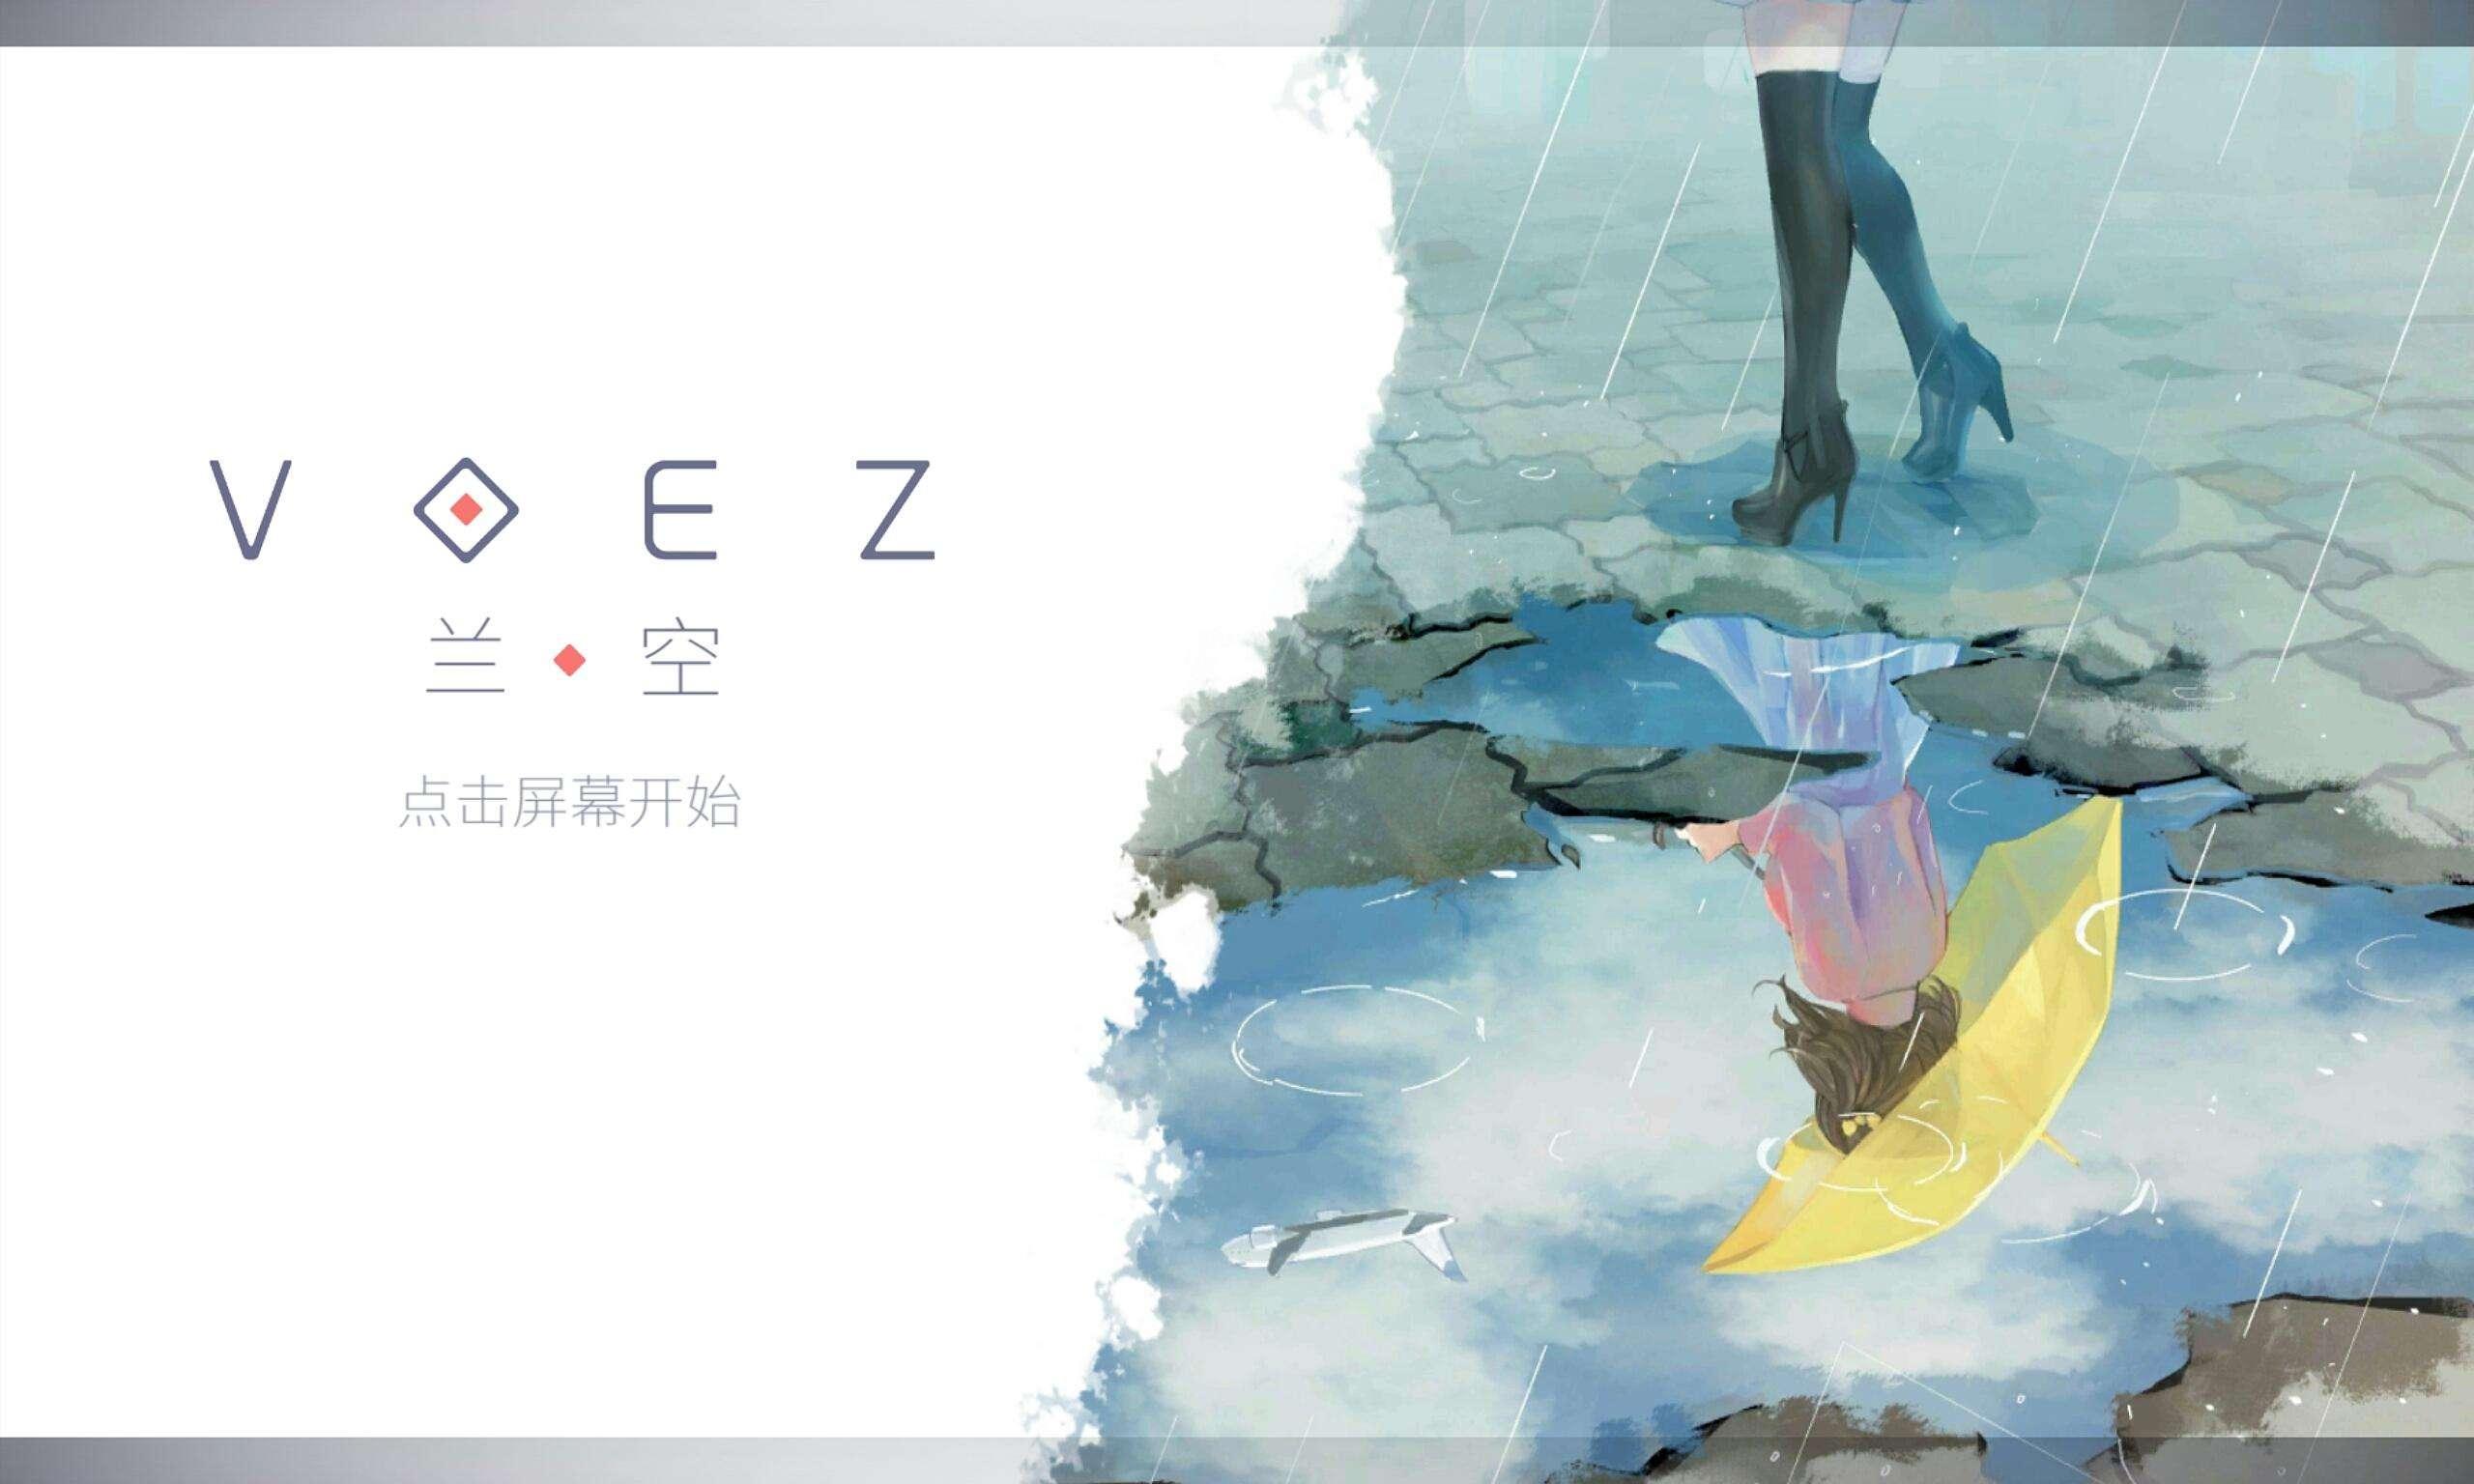 厉害了我的雷亚!《VOEZ》任天堂Switch版本发售决定!-ANICOGA